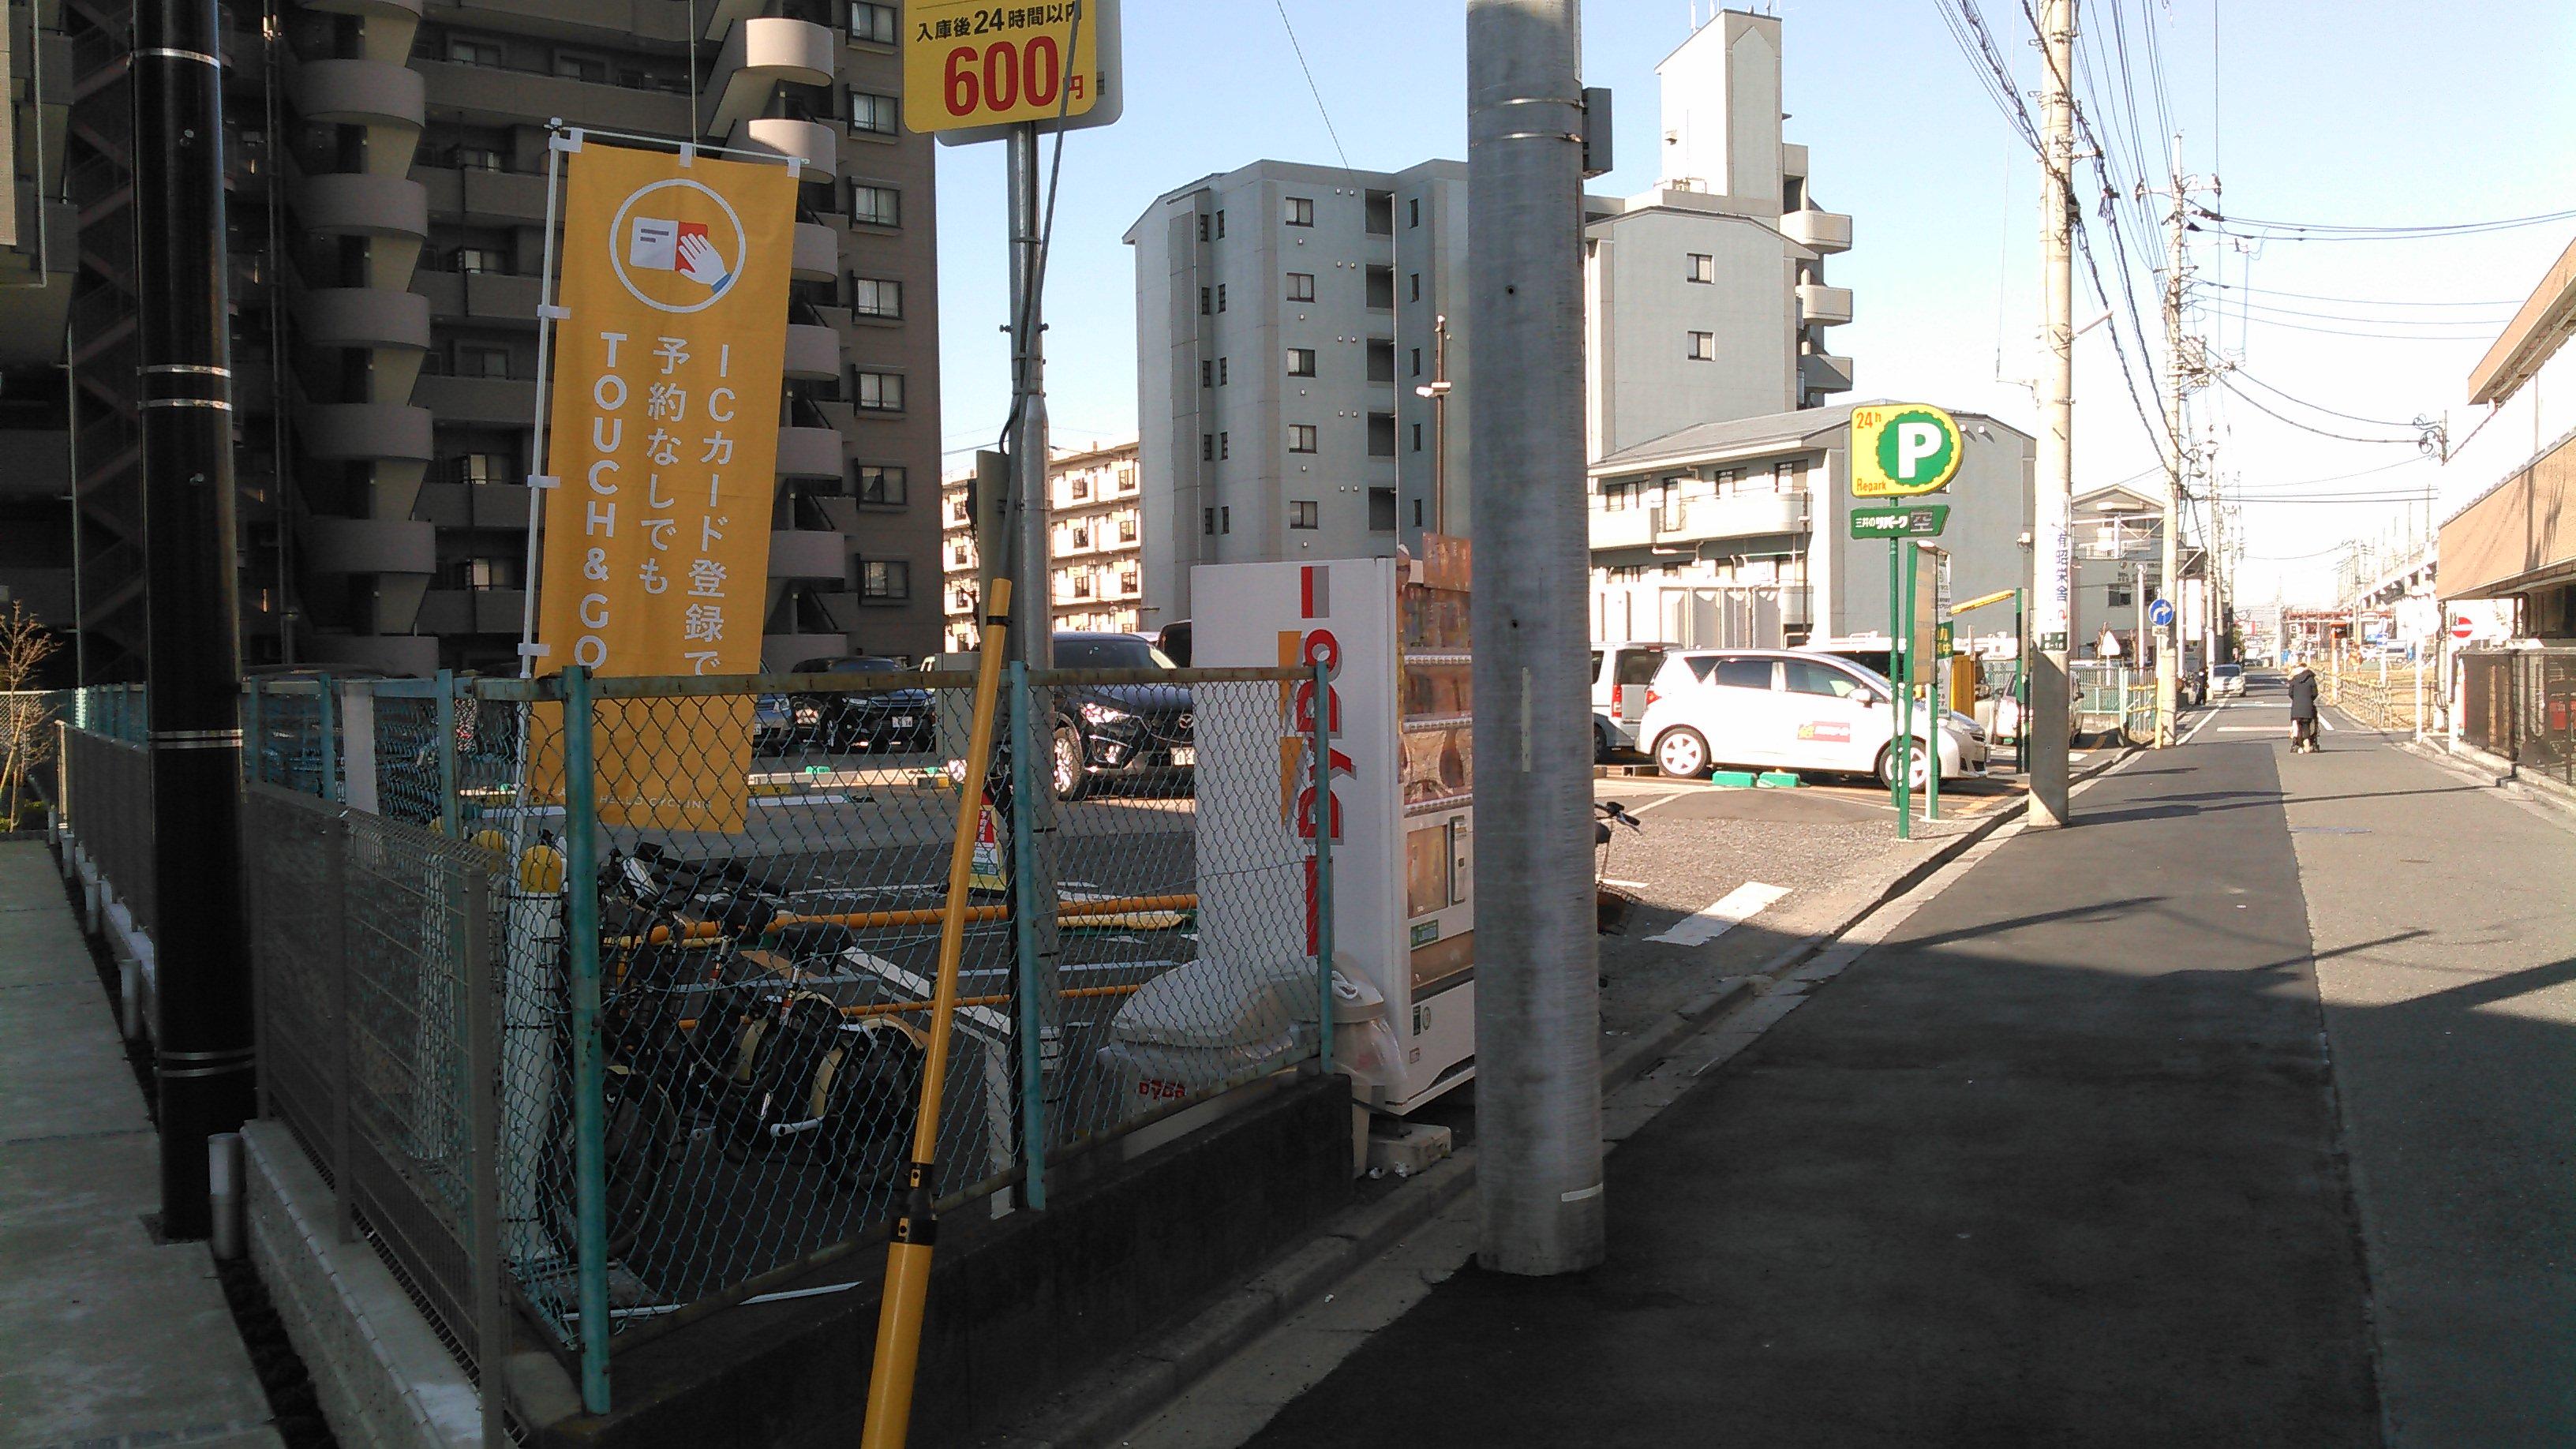 【ベルシェア】三井リパーク 武蔵浦和駅西口 (HELLO CYCLING ポート) image